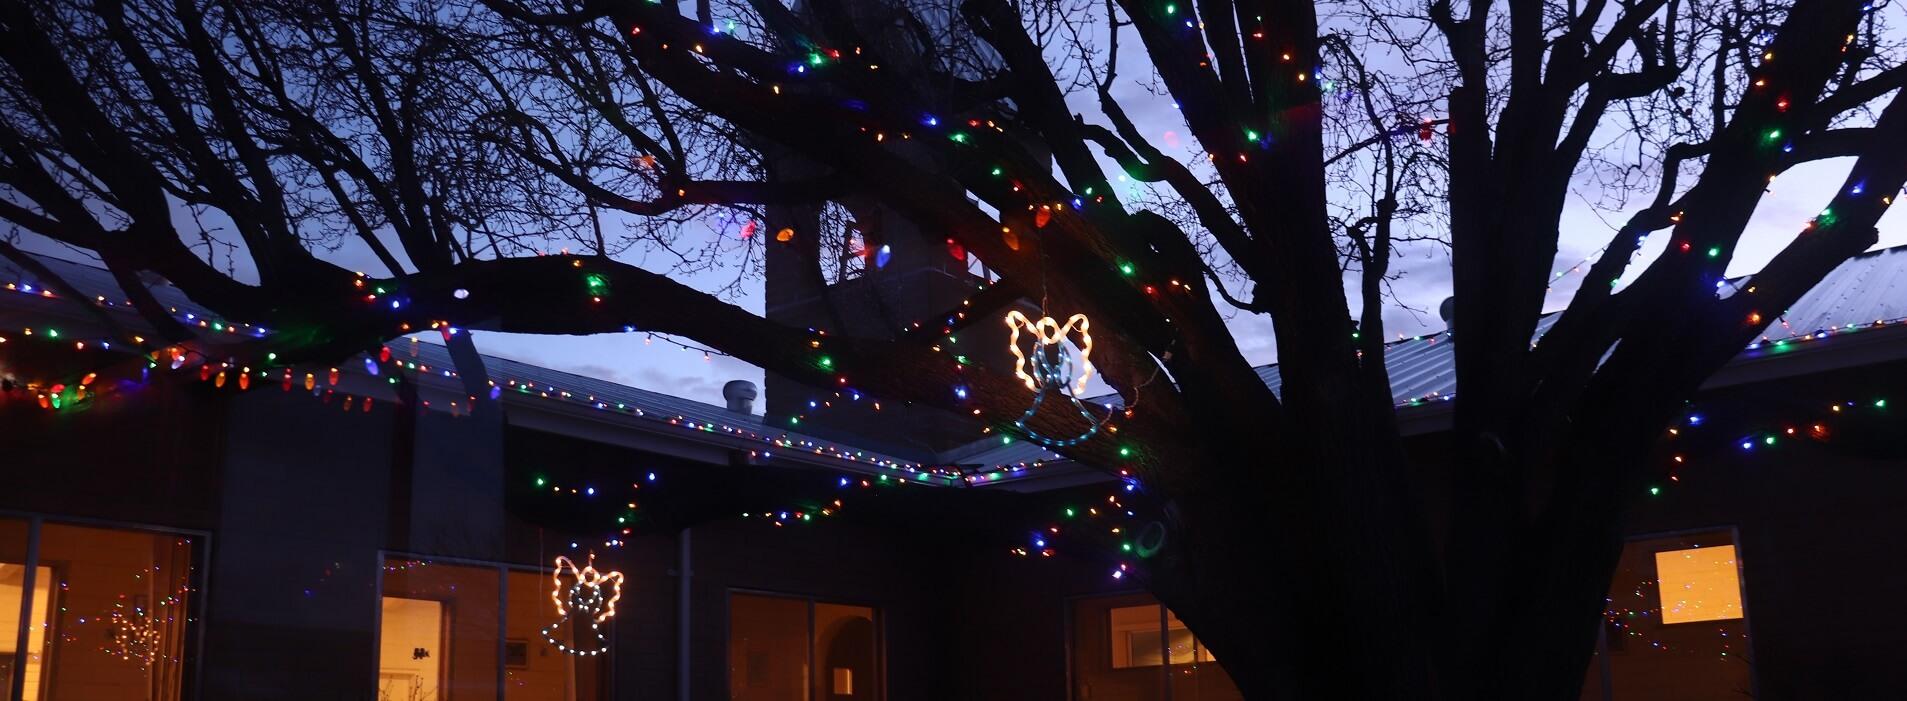 Image 2 – 2019 12 25 Christmas lights